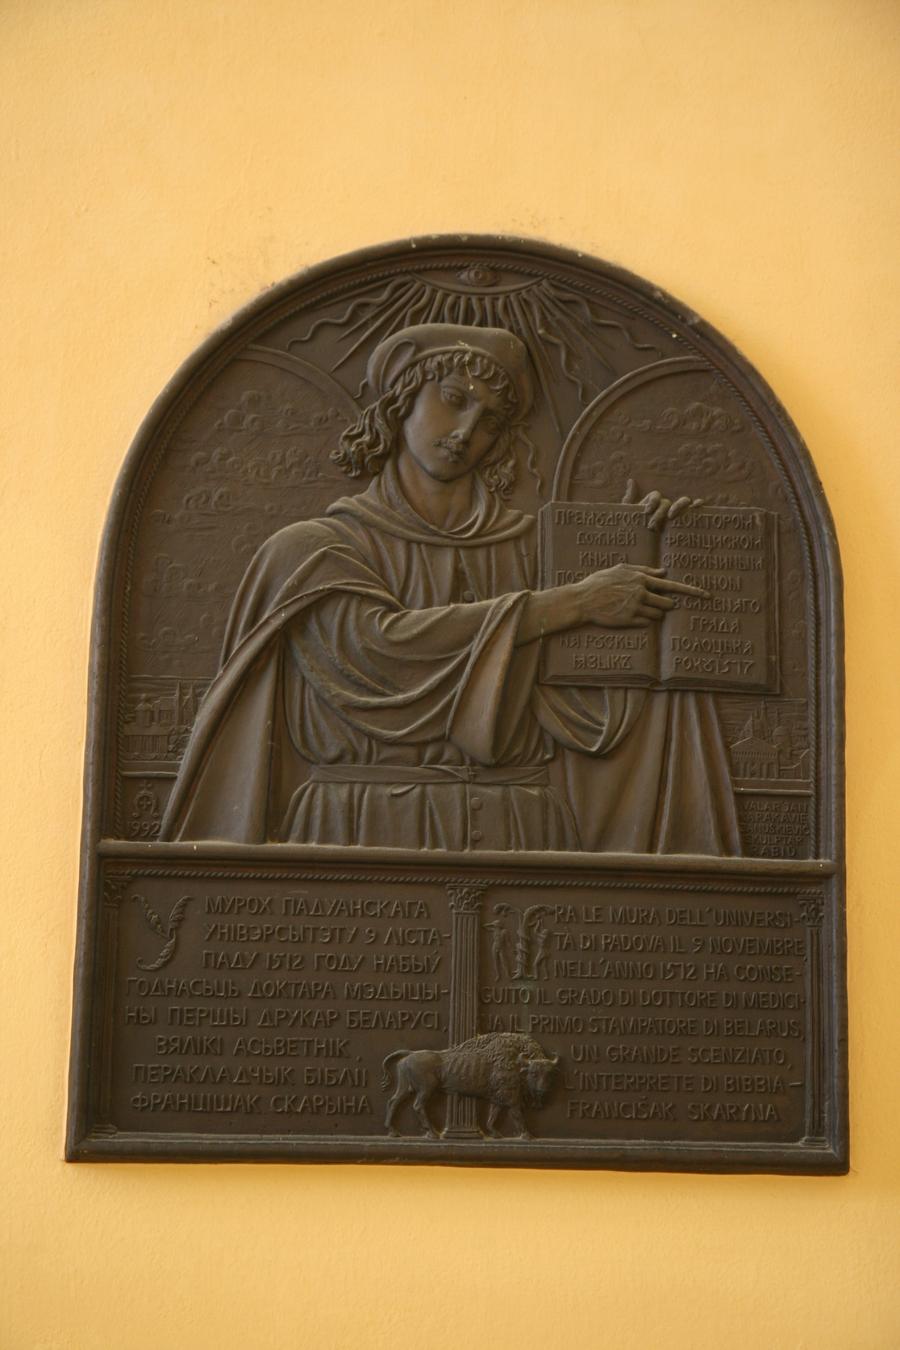 Памятная доска с портретом Франциска Скорины в «зале 40» Падуанского университета-15